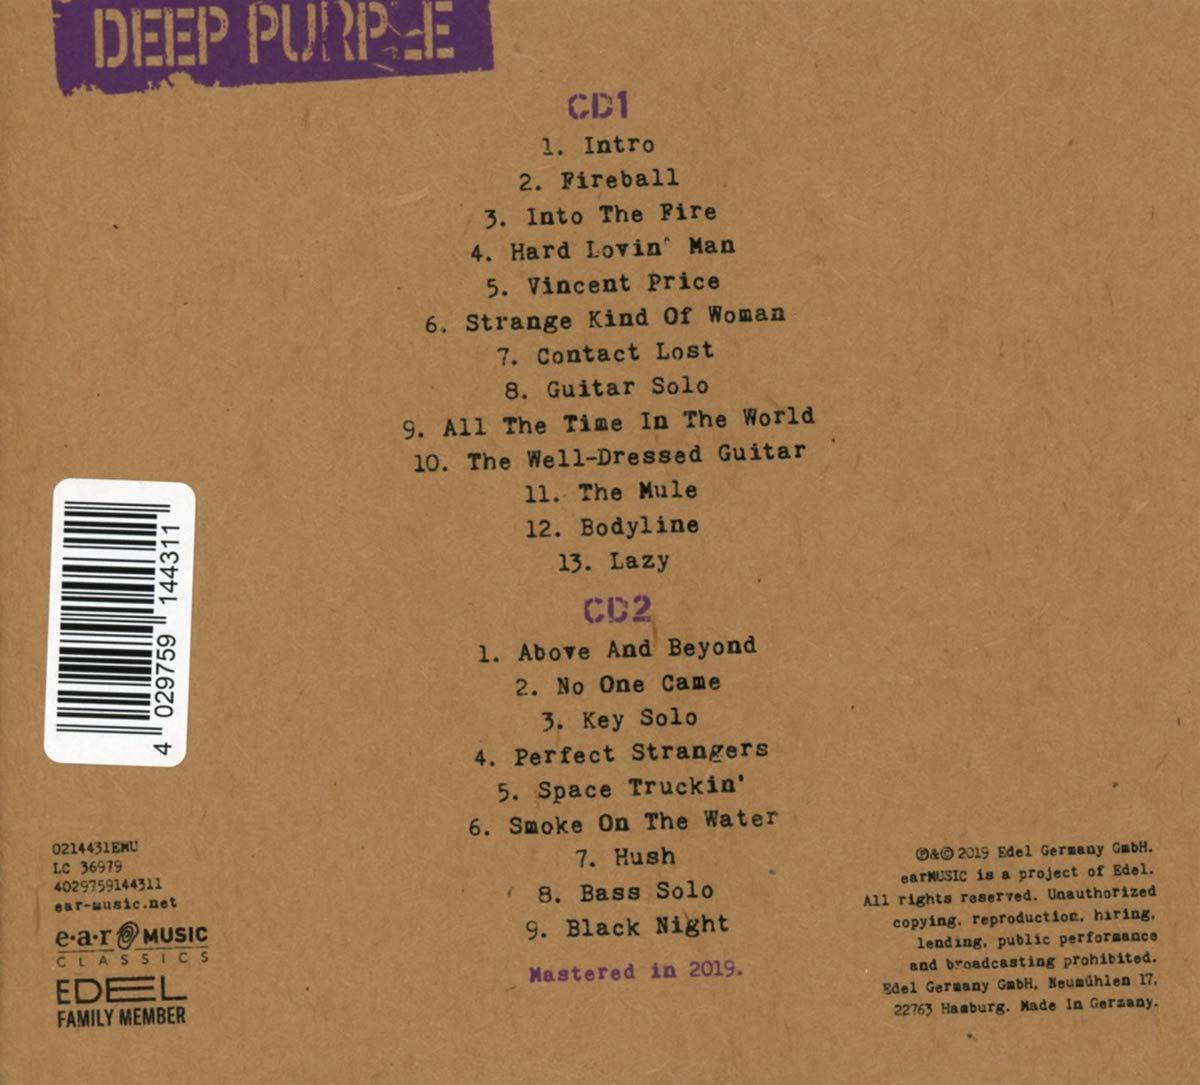 Deep purple en kate upton nue @todorazor.com